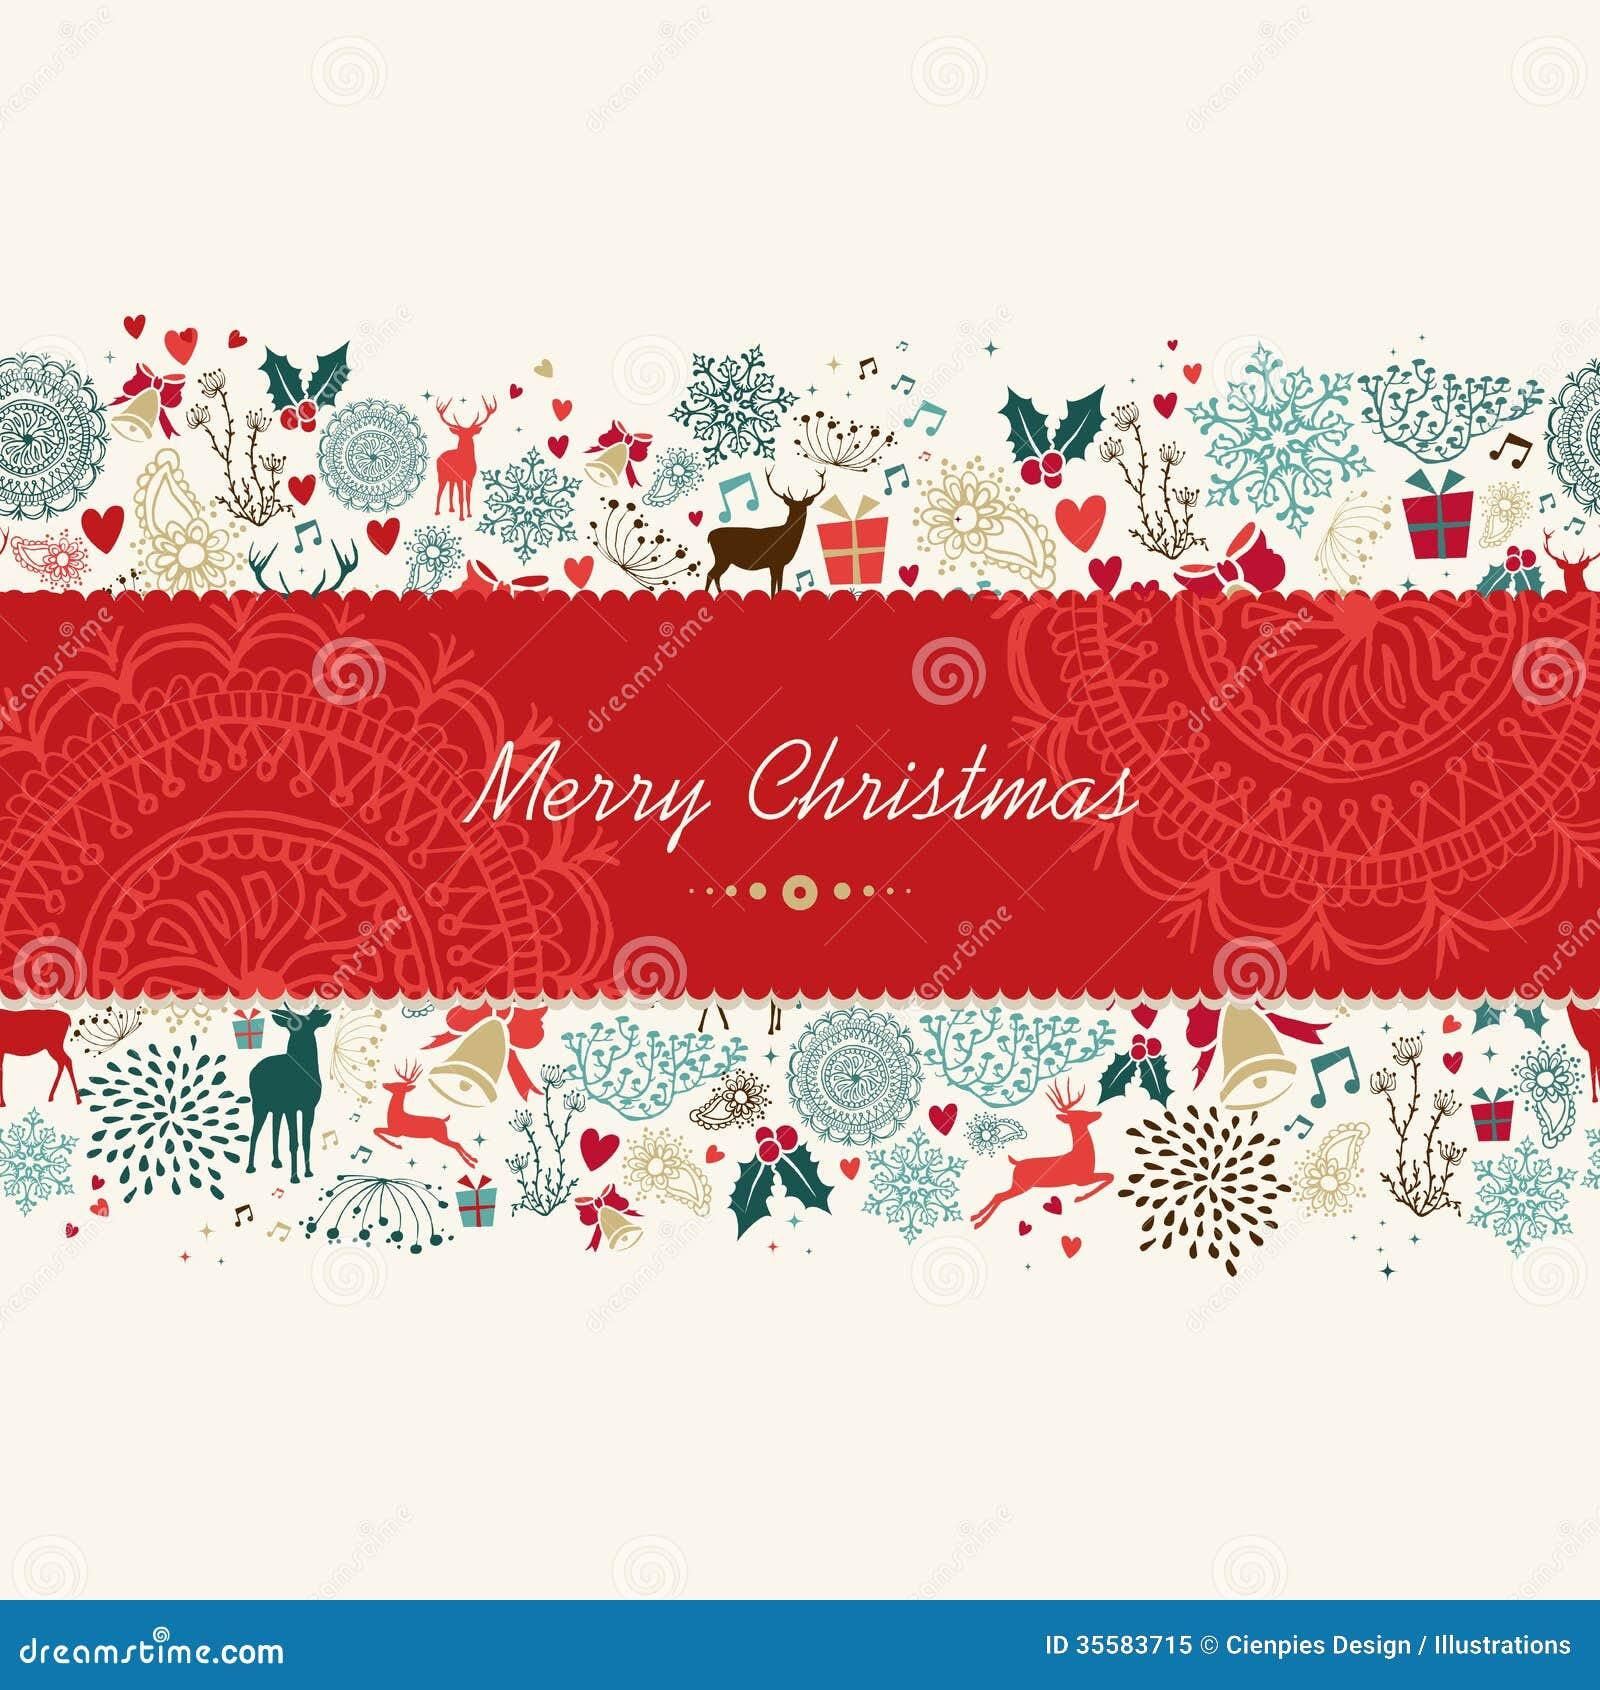 Christmas Card Thank You - Natal 7